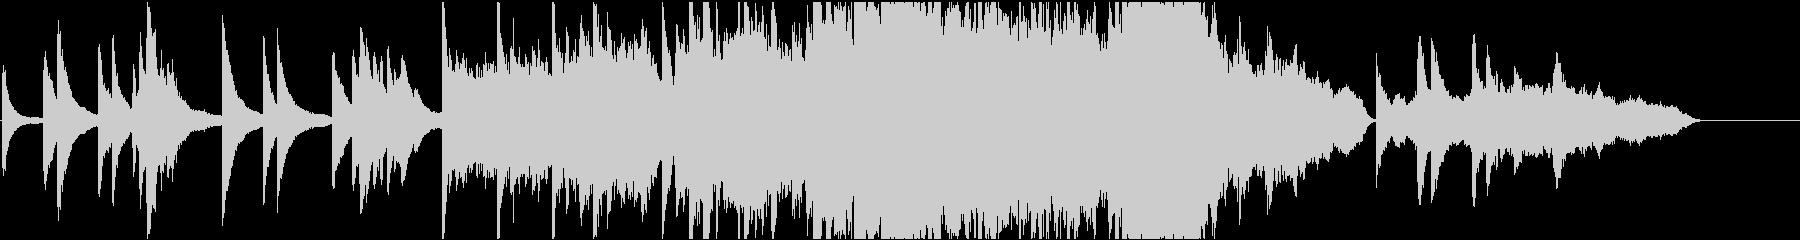 企業VP33 24bit44kHzVerの未再生の波形